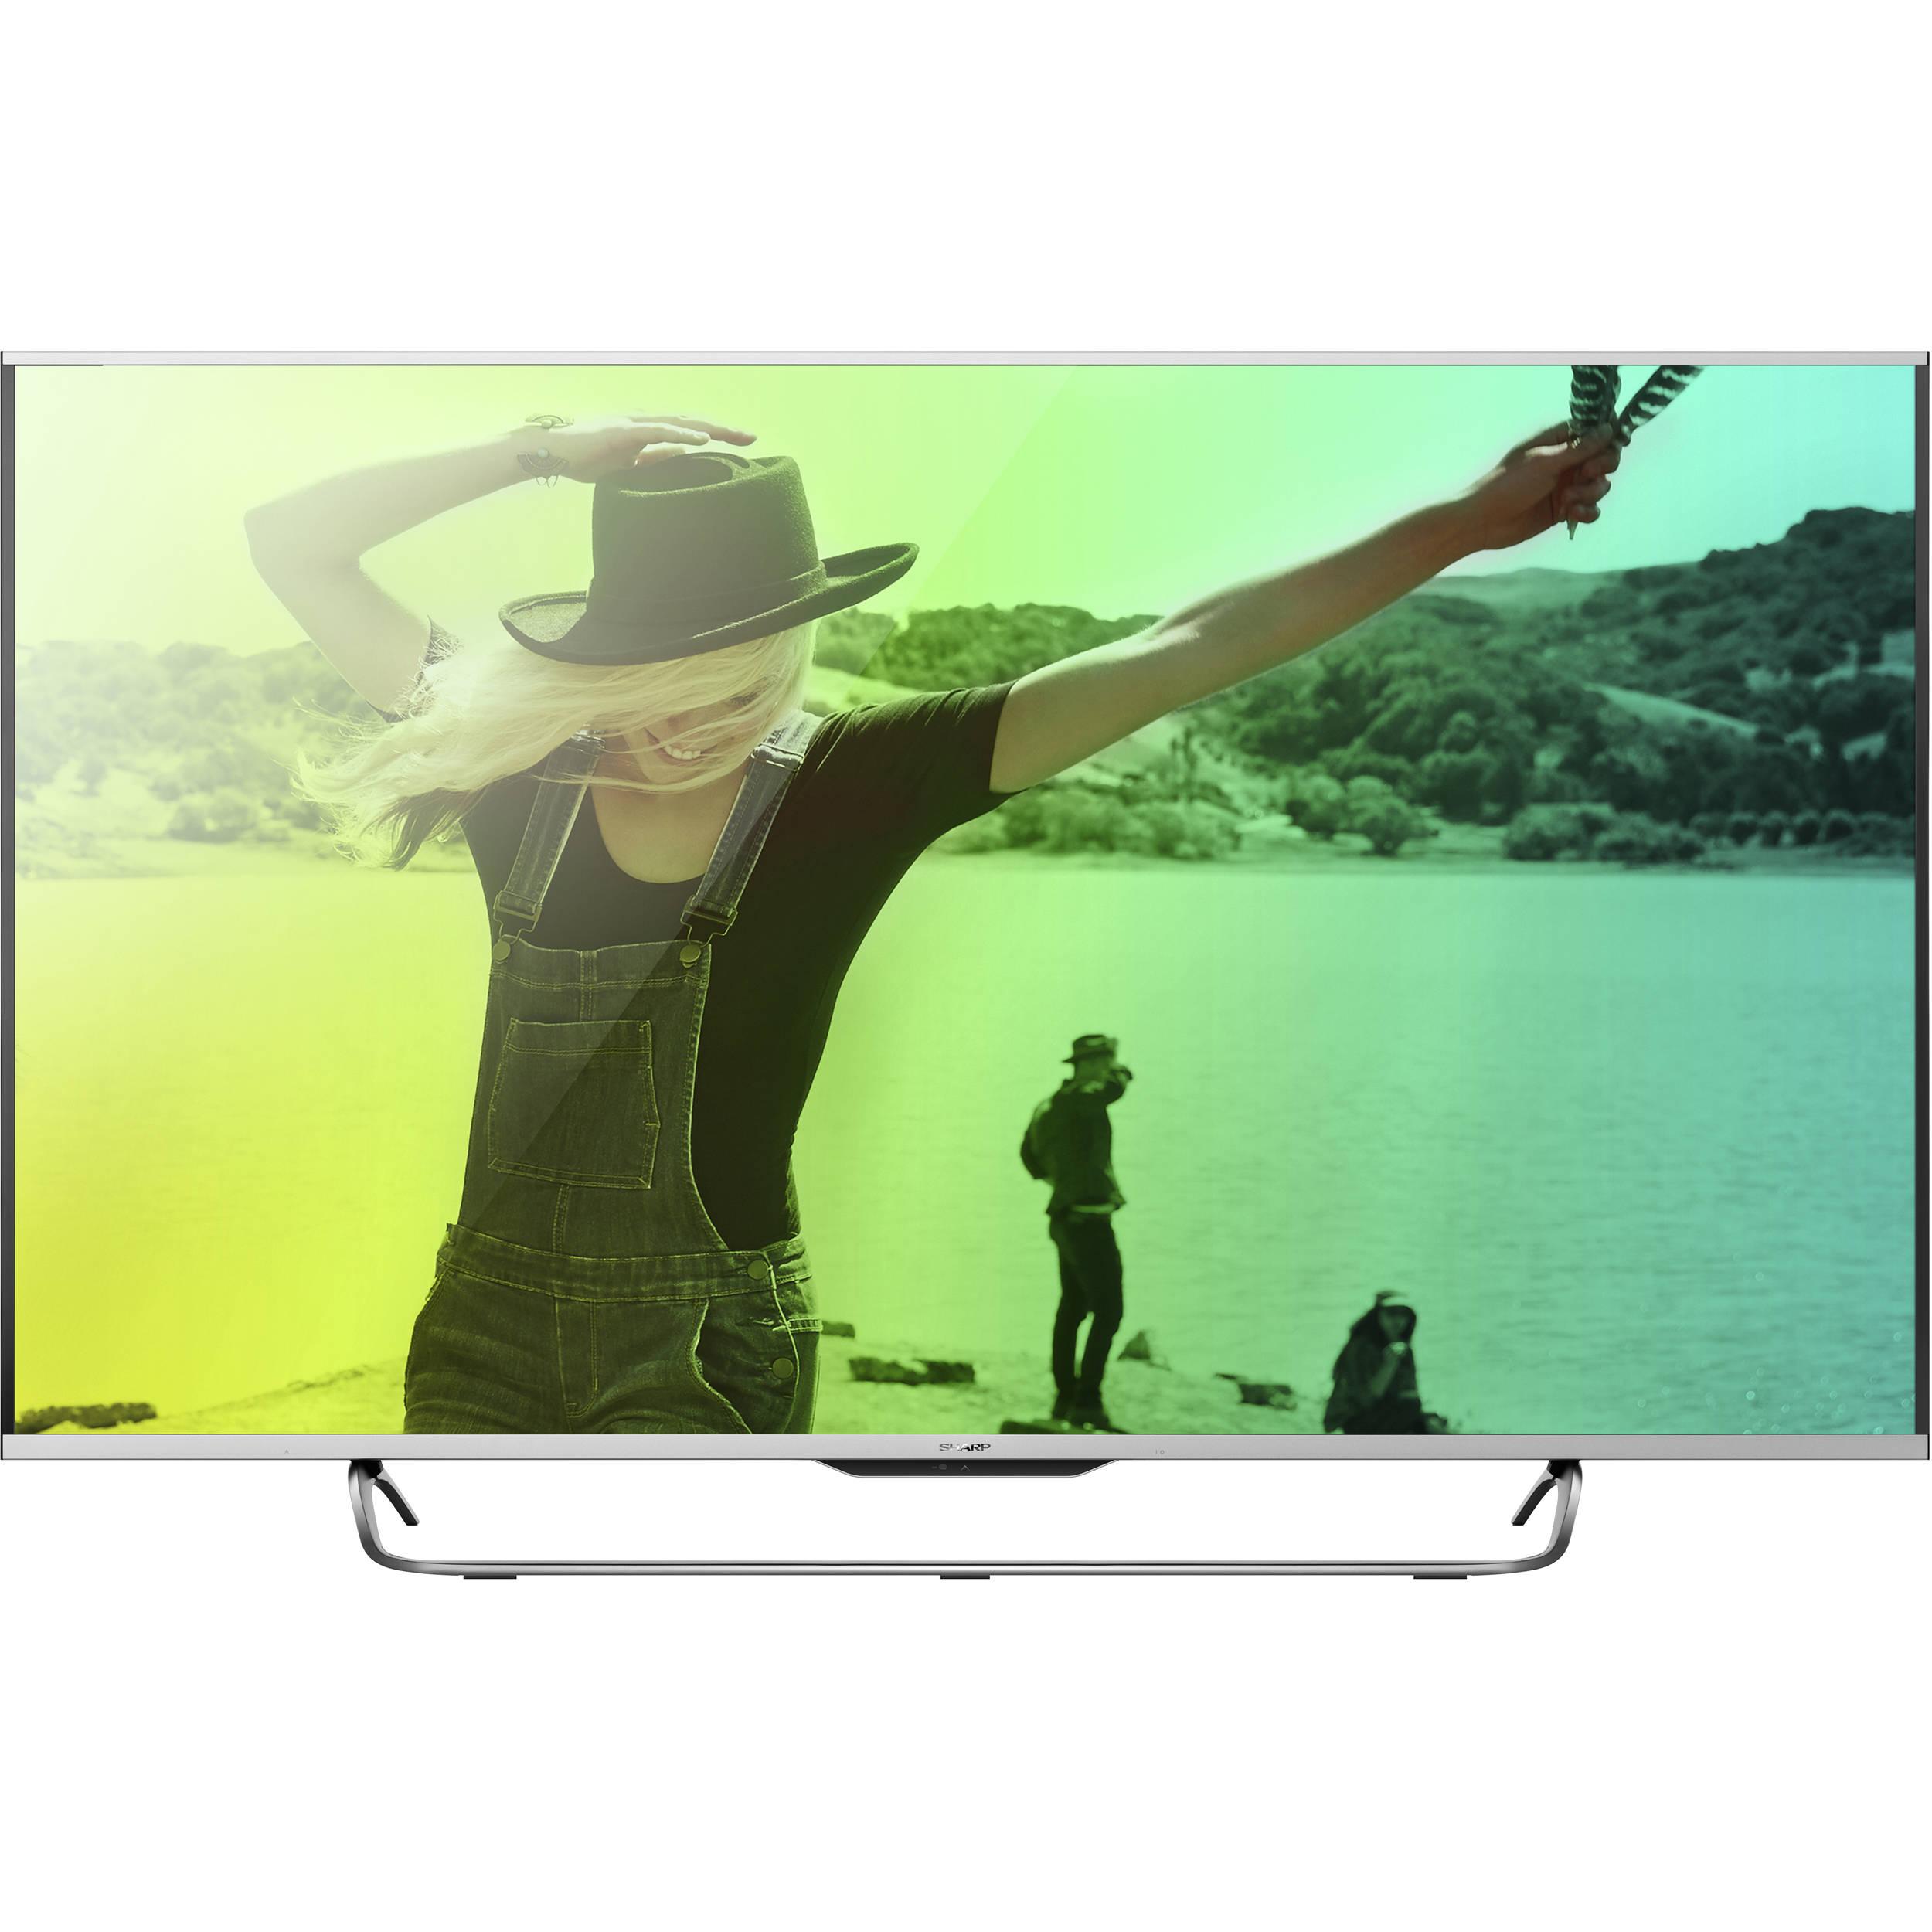 SHARP 夏普 LC-70N7100U 美規LED(4K) 70吋液晶電視(平行輸入) 【零利率】